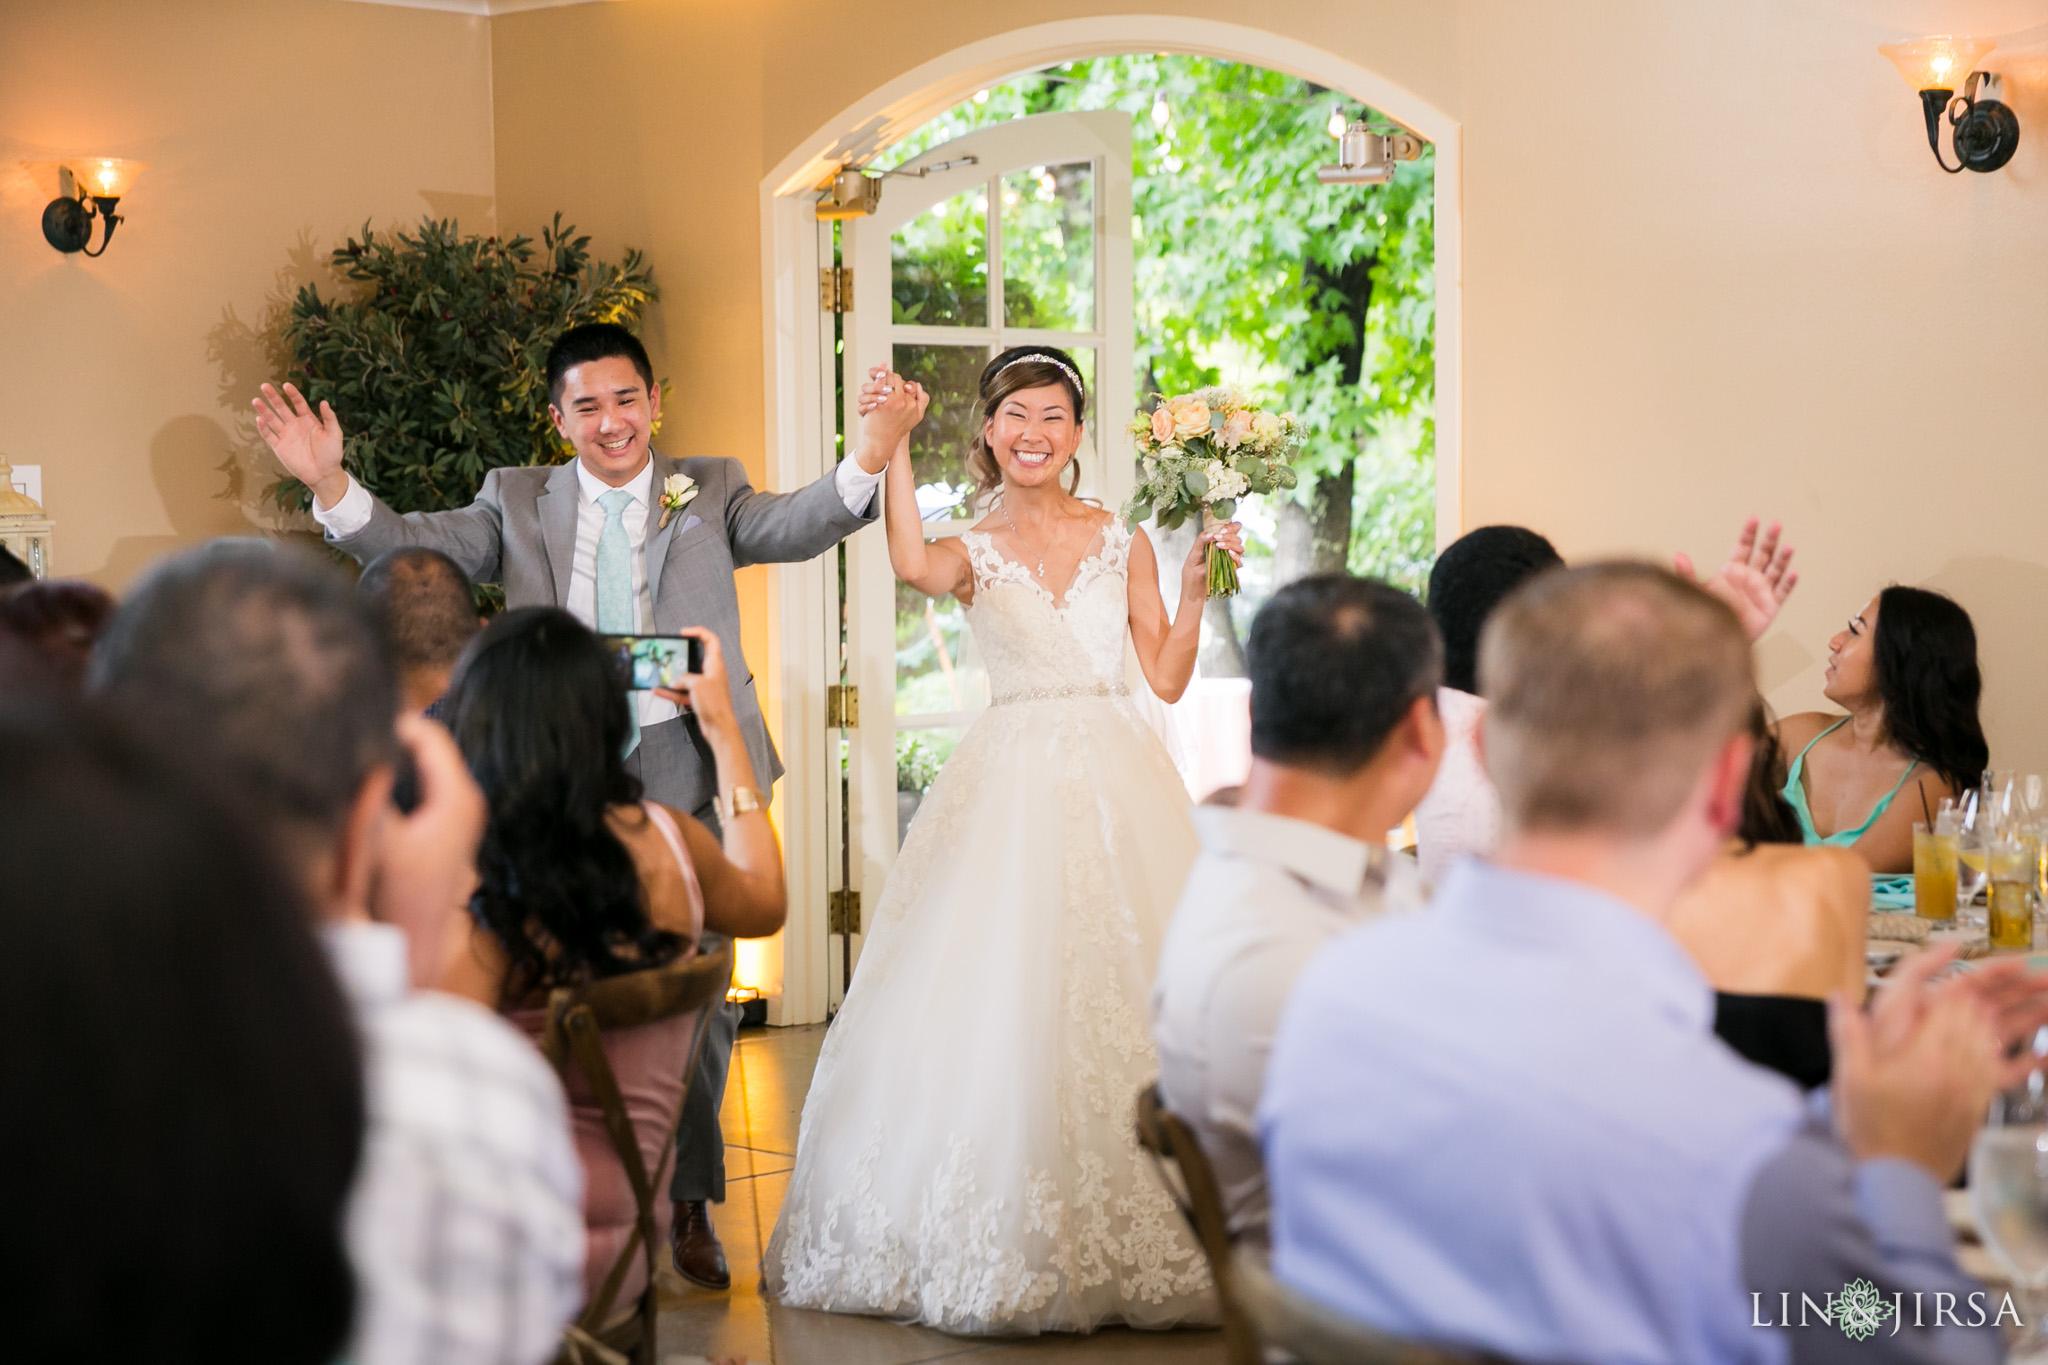 Trentadue Winery Wedding Celebrations